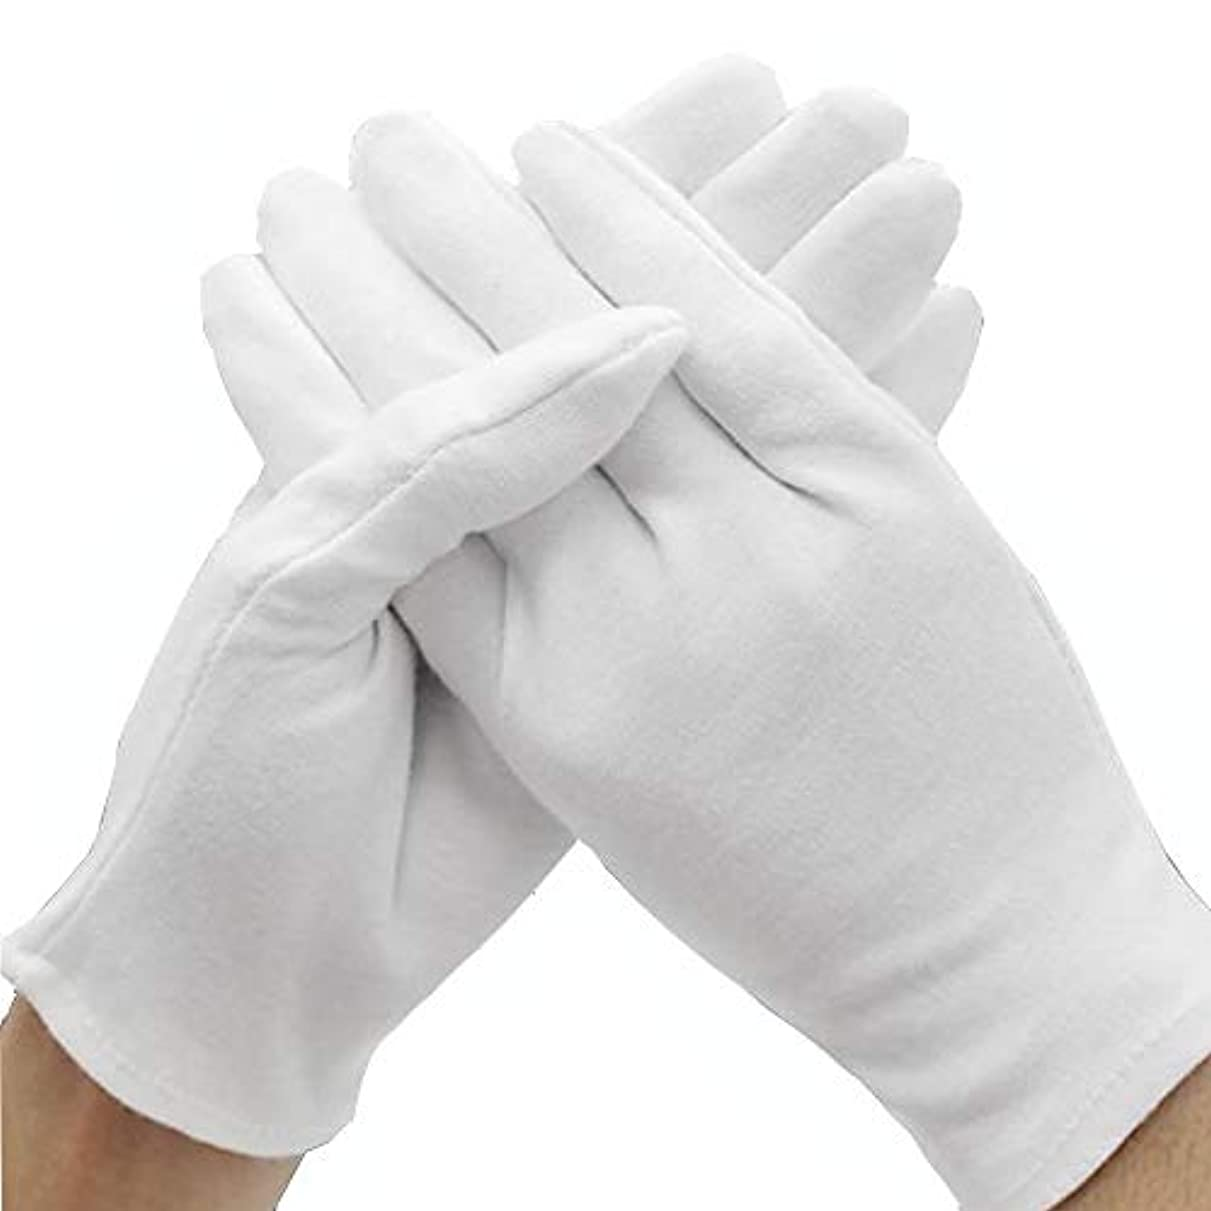 慣れているフィドルブラウザLezej インナーコットン手袋 白い手袋 綿手袋 衛生手袋 コットン手袋 ガーデニング用手袋 作業手袋 健康的な手袋 環境保護用手袋(12組) (XL)